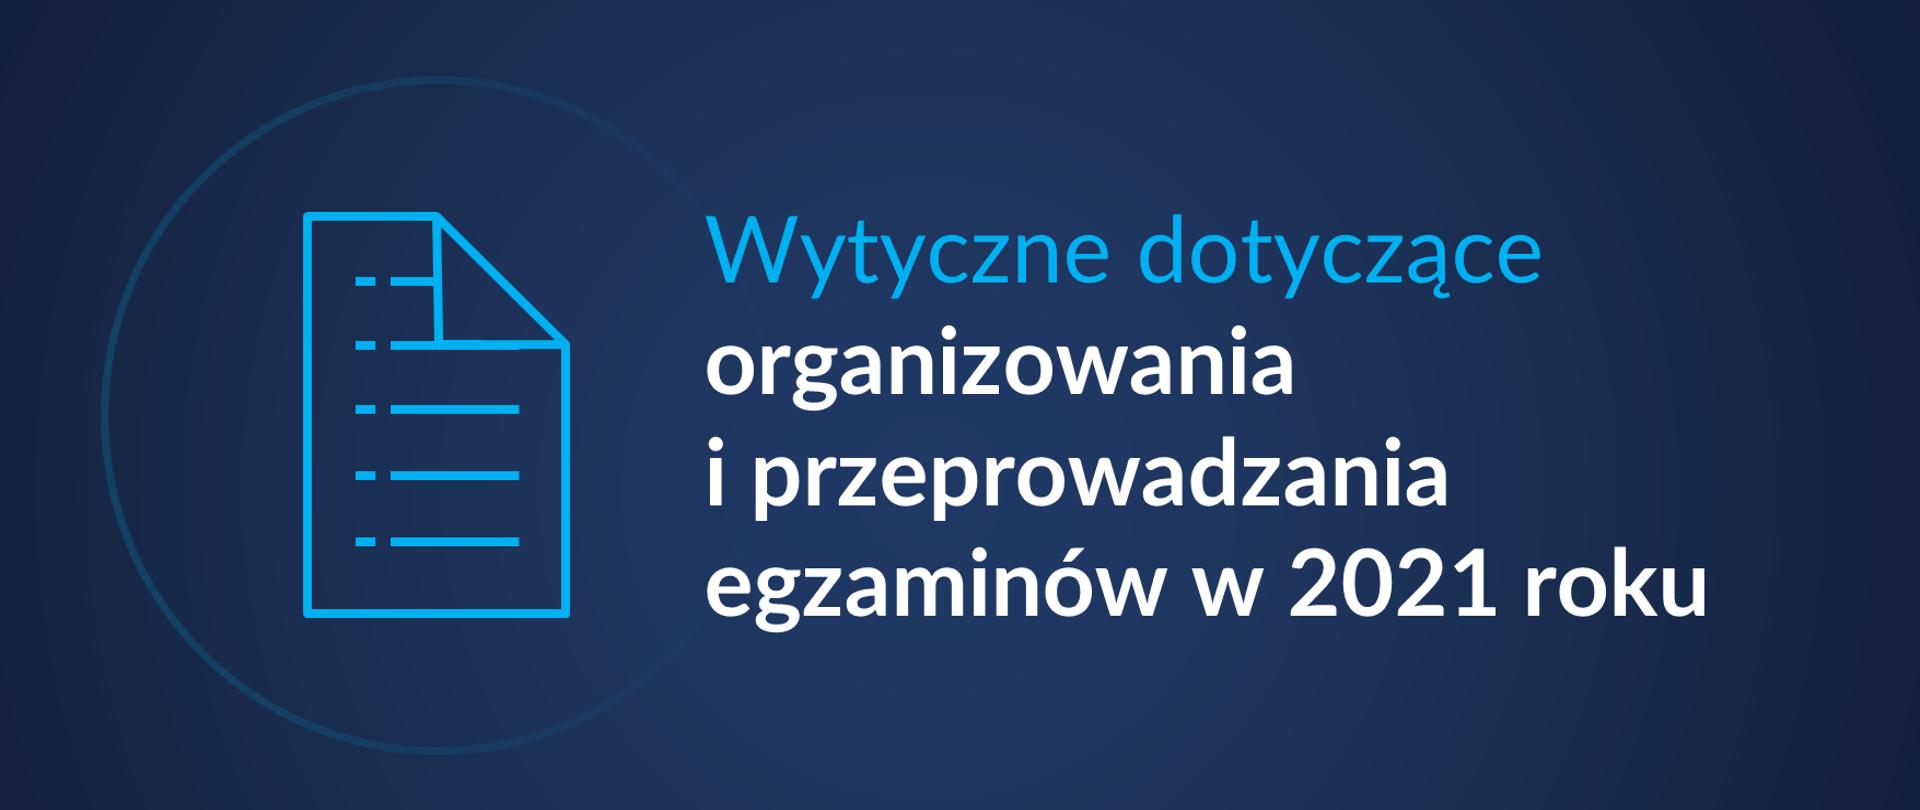 Grafika z tekstem: Wytyczne dotyczące organizowania i przeprowadzania egzaminów w 2021 roku